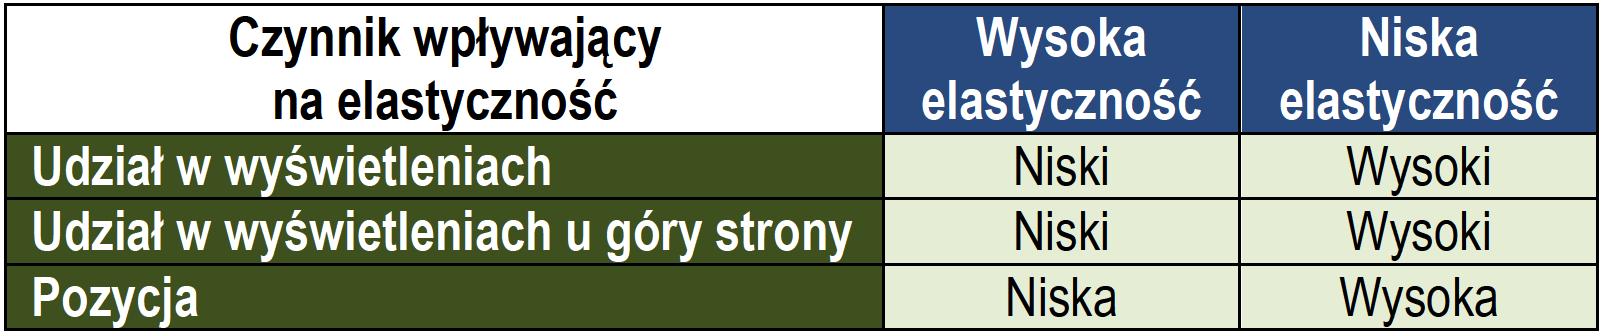 czynniki wplywajace na elastycznosc cenowa w adwords